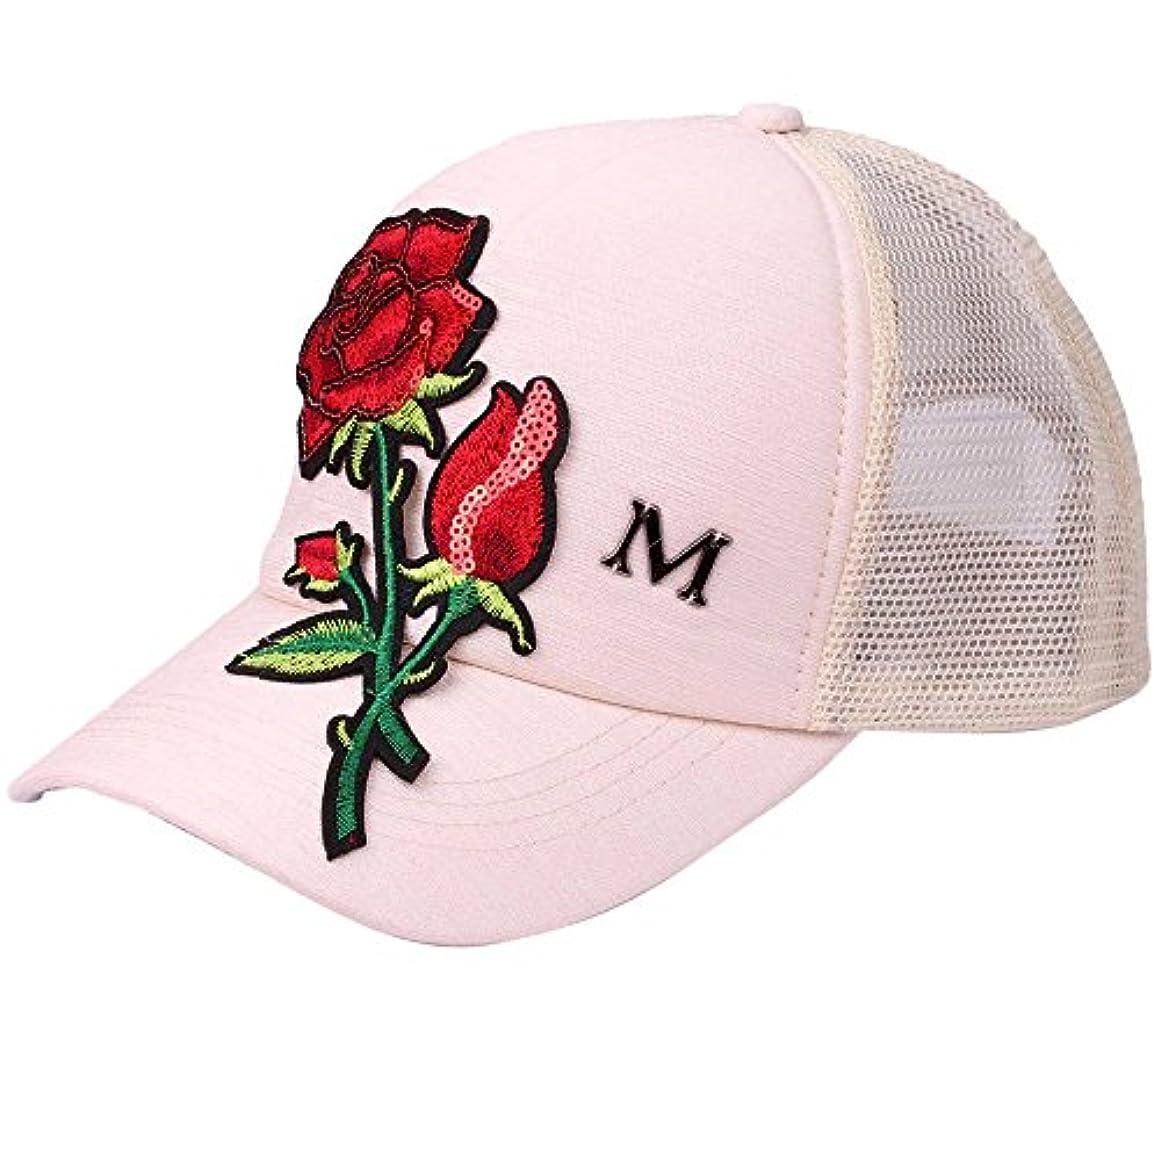 クール有効化発行するRacazing Cap ローズ 刺繍 ヒップホップ 野球帽 通気性のある 帽子 夏 登山 メッシュ 可調整可能 棒球帽 UV 帽子 軽量 屋外 Unisex Hat (ベージュ)